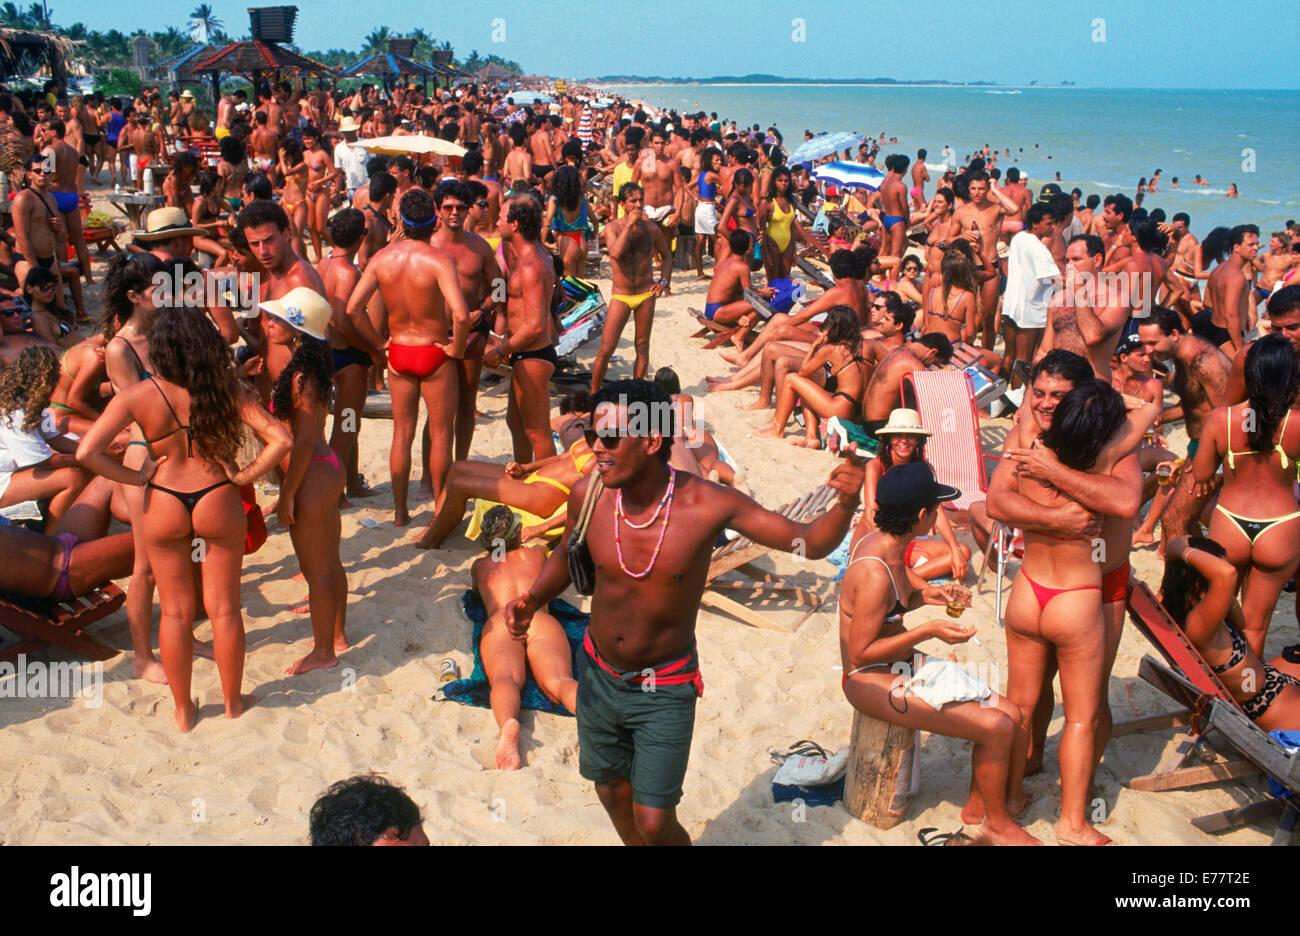 La gente celebra il carnevale sulle spiagge di Bahia in Brasile Immagini Stock